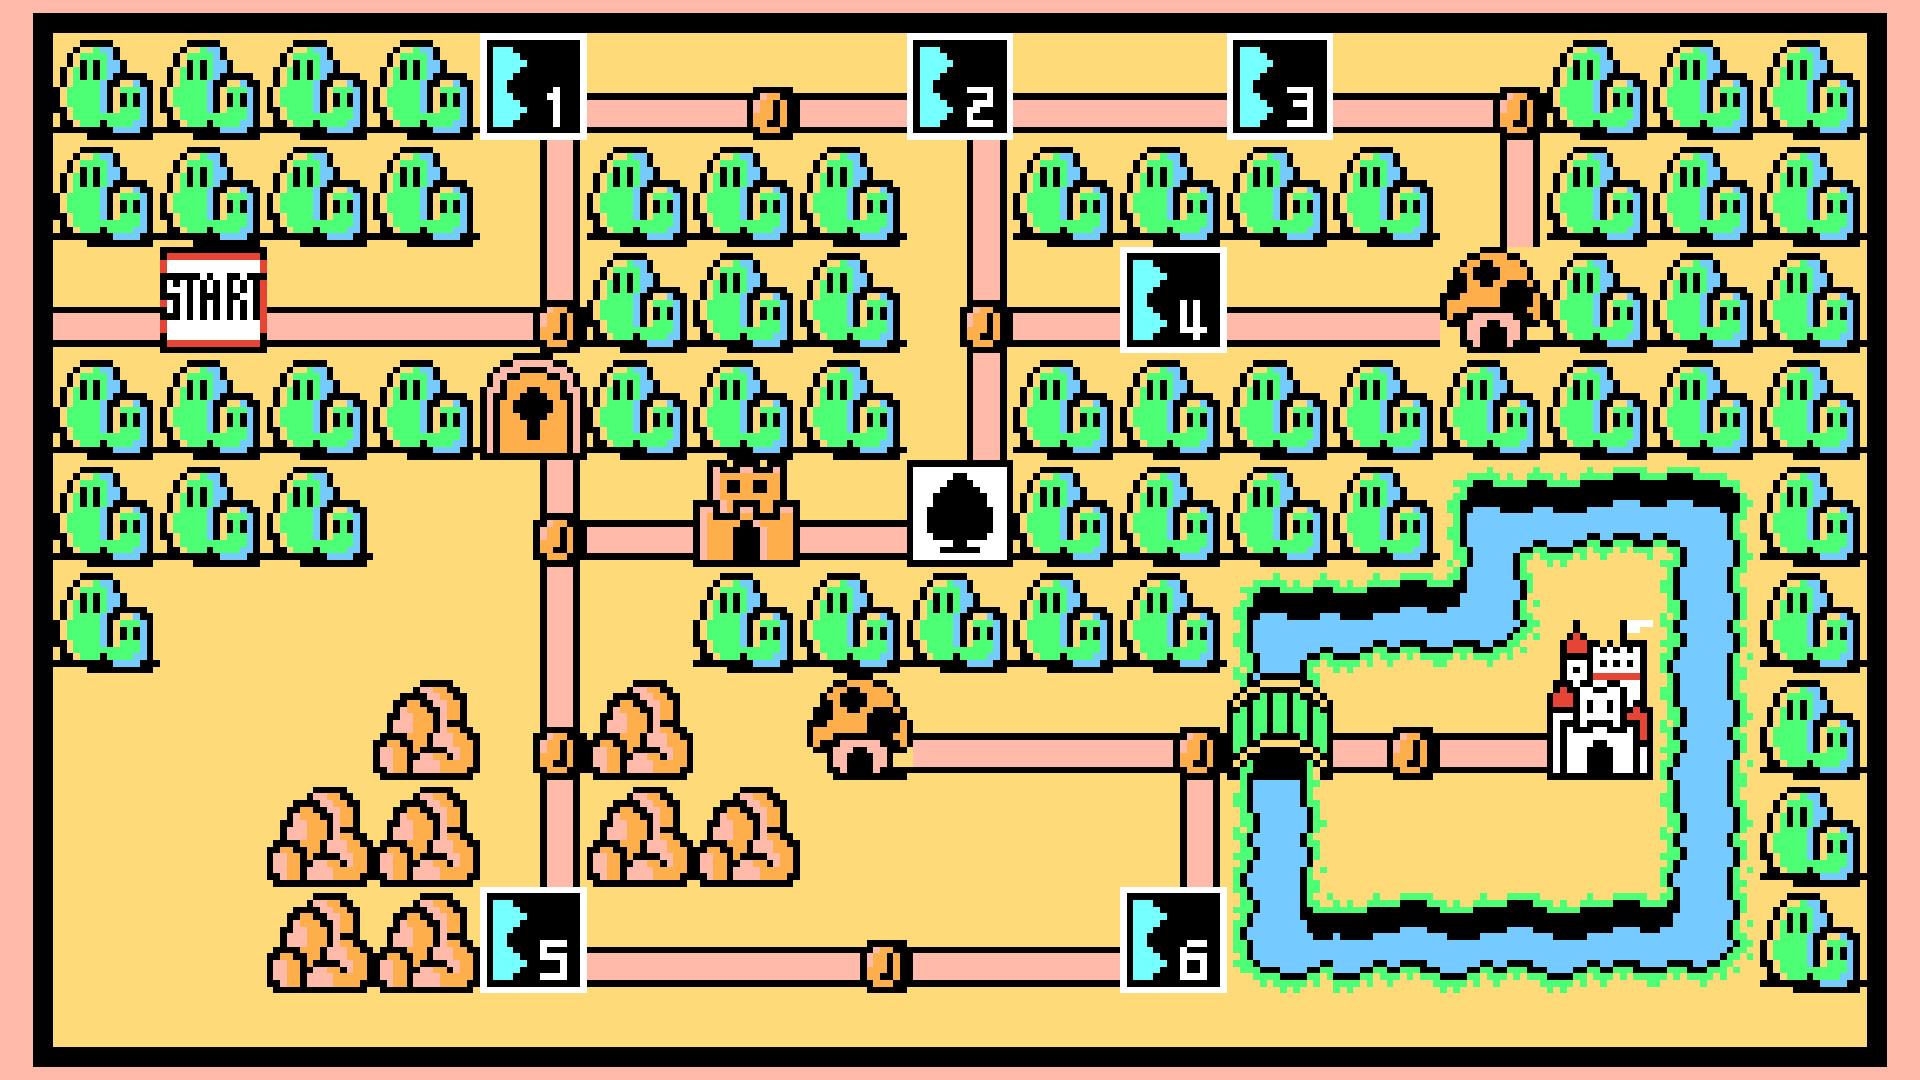 Super Mario 3 Wallpaper (64+ images)